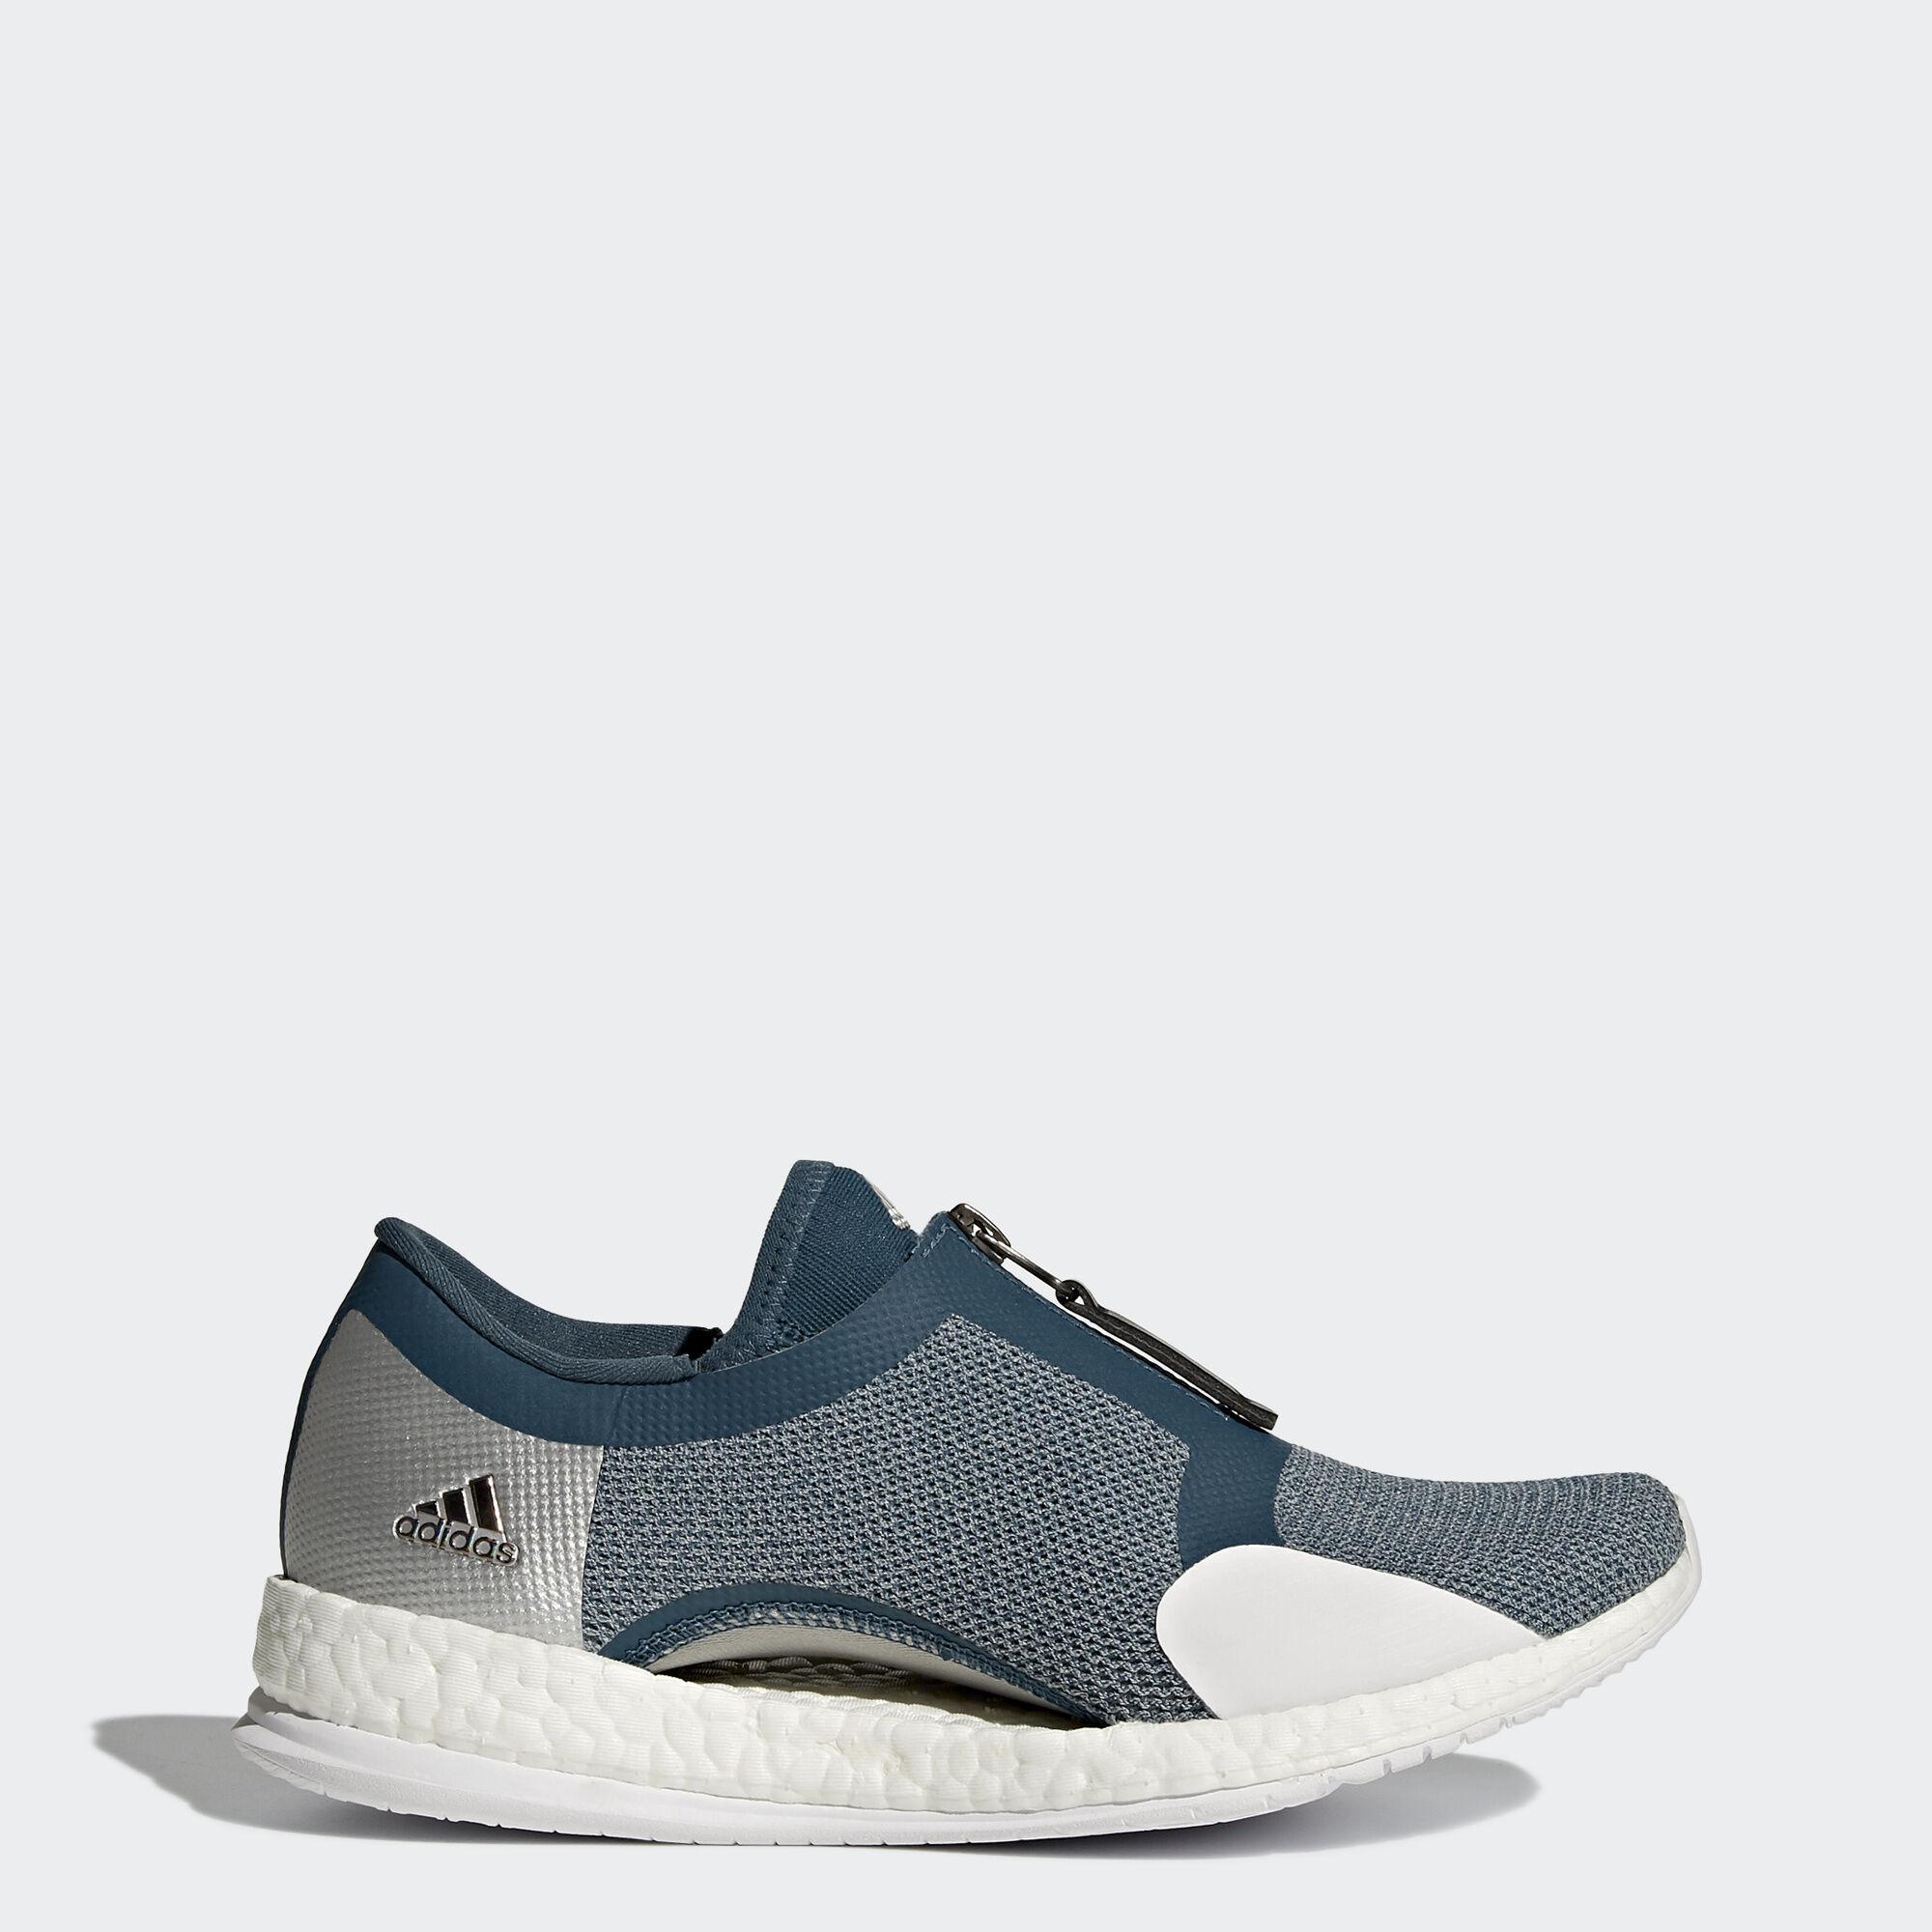 adidas Pure Boost PK (White/White/White) Men's Skate